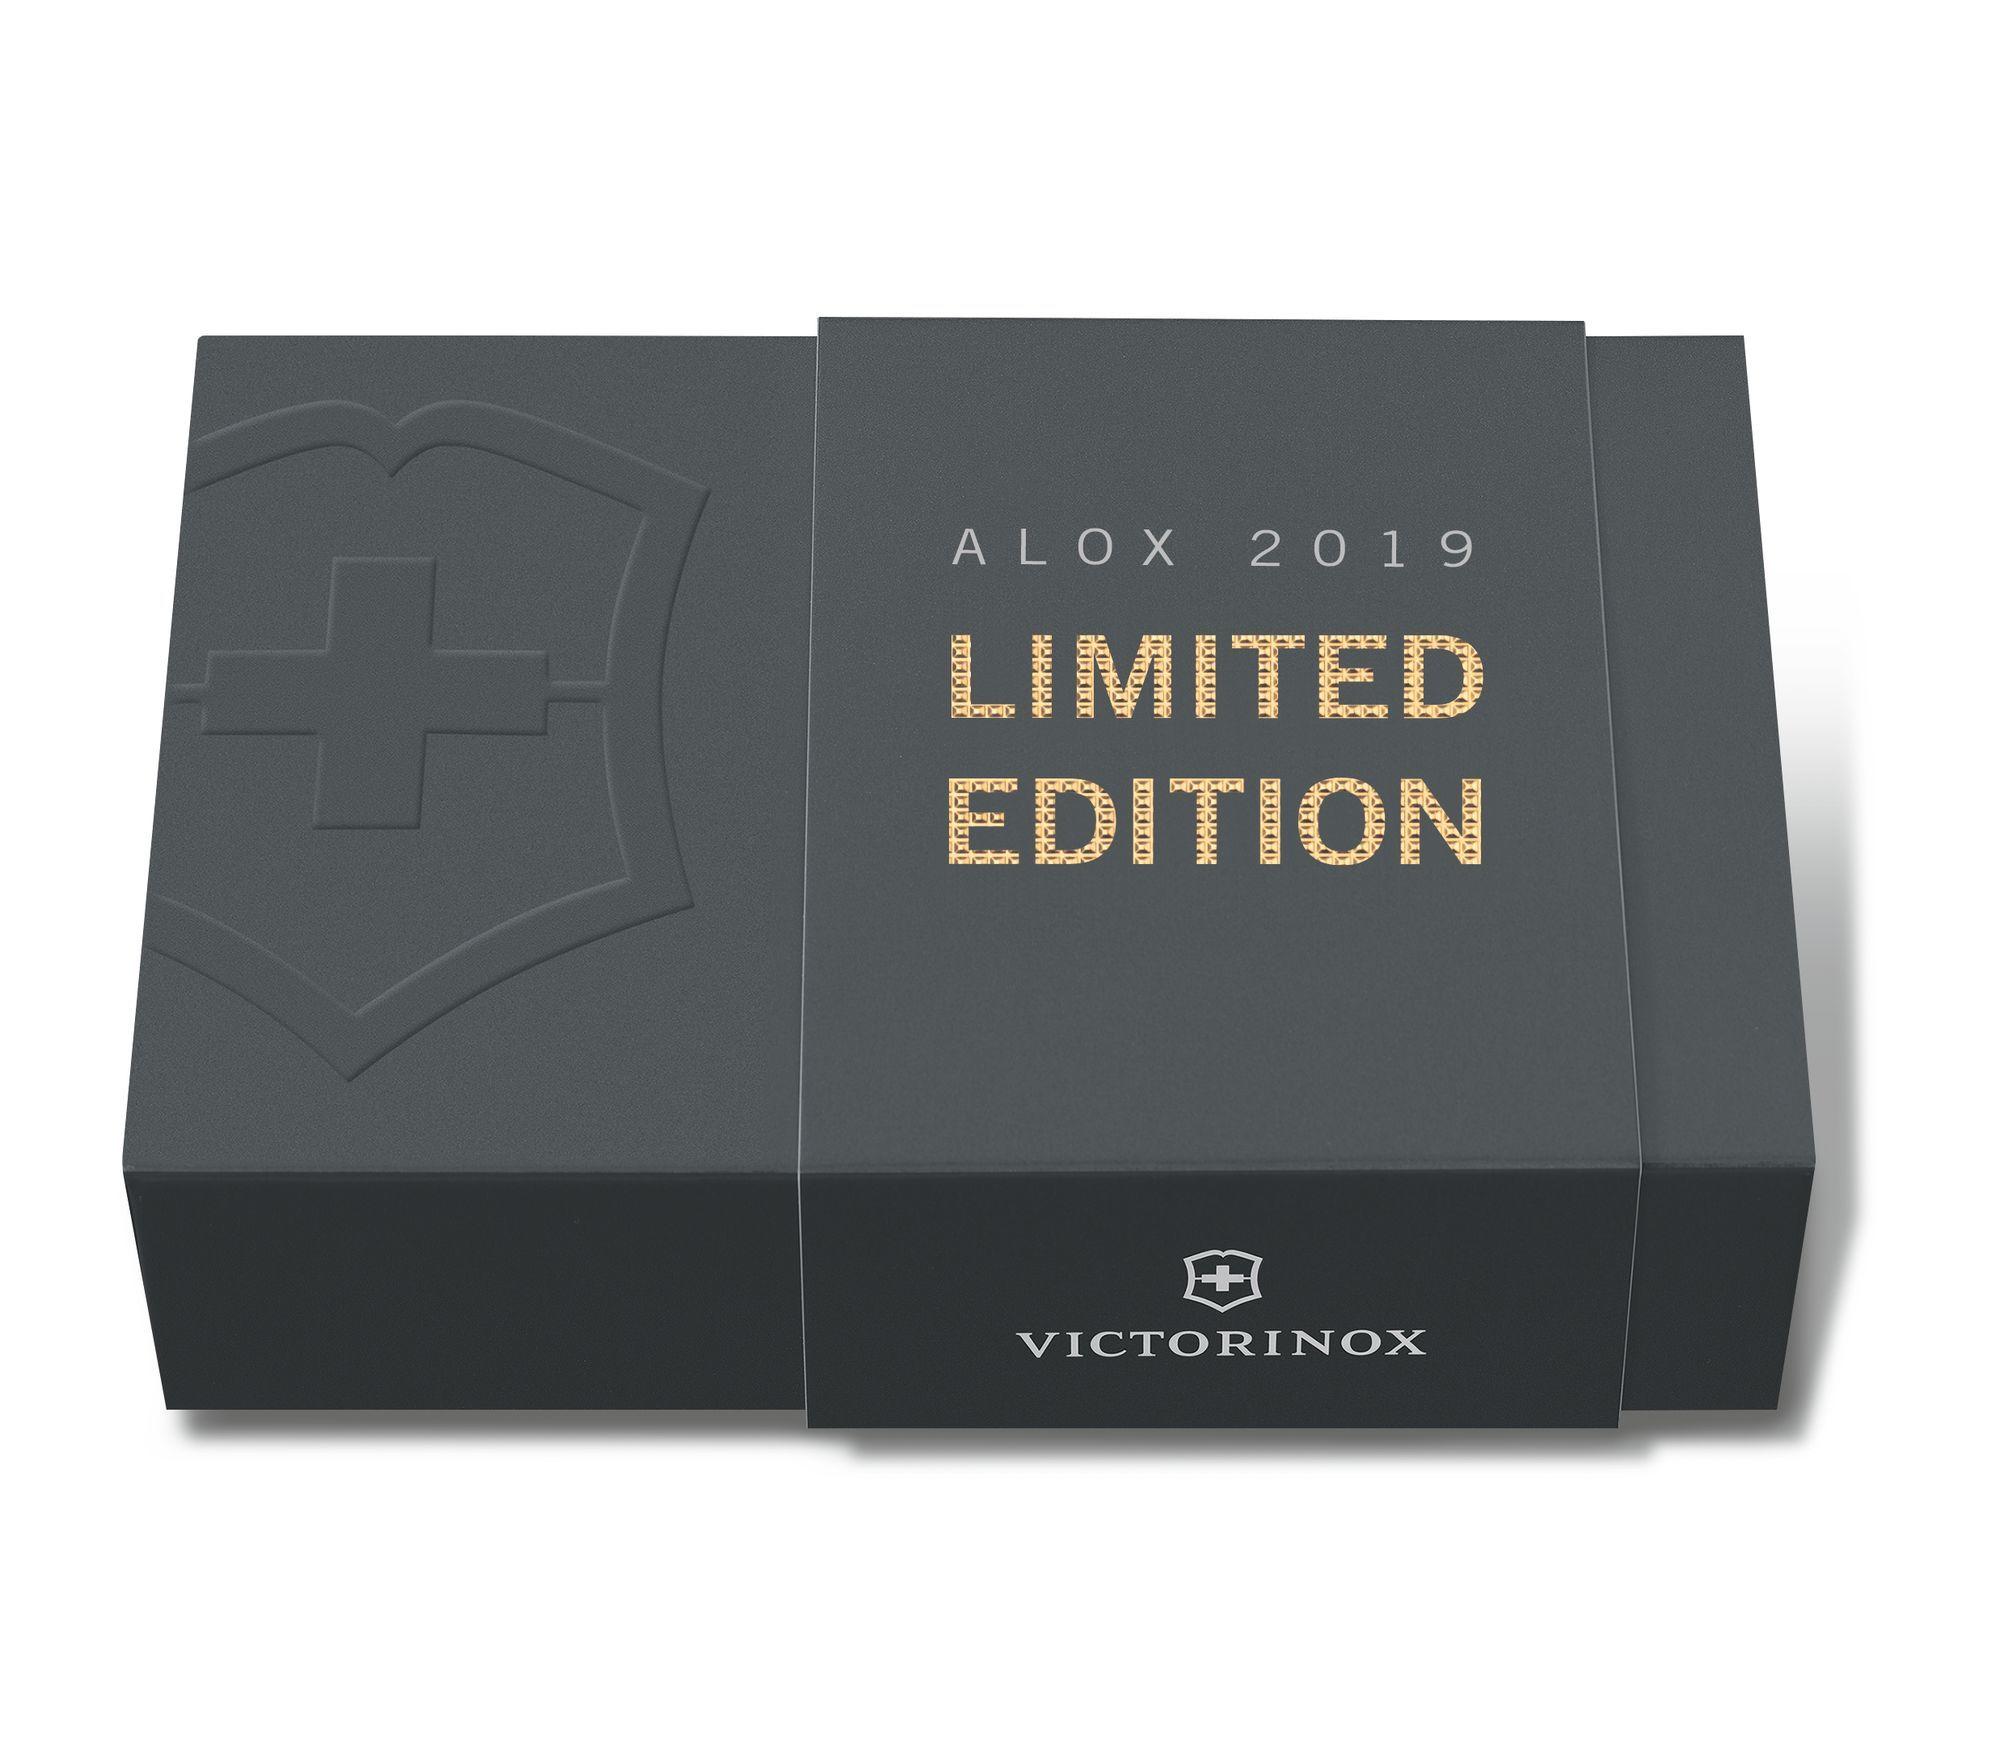 Складной нож Victorinox Pioneer Alox Champagne-Gold Limited Edition 2019 (0.8201.L19) лимитированное издание, подарочная упаковка - Wenger-Victorinox.Ru